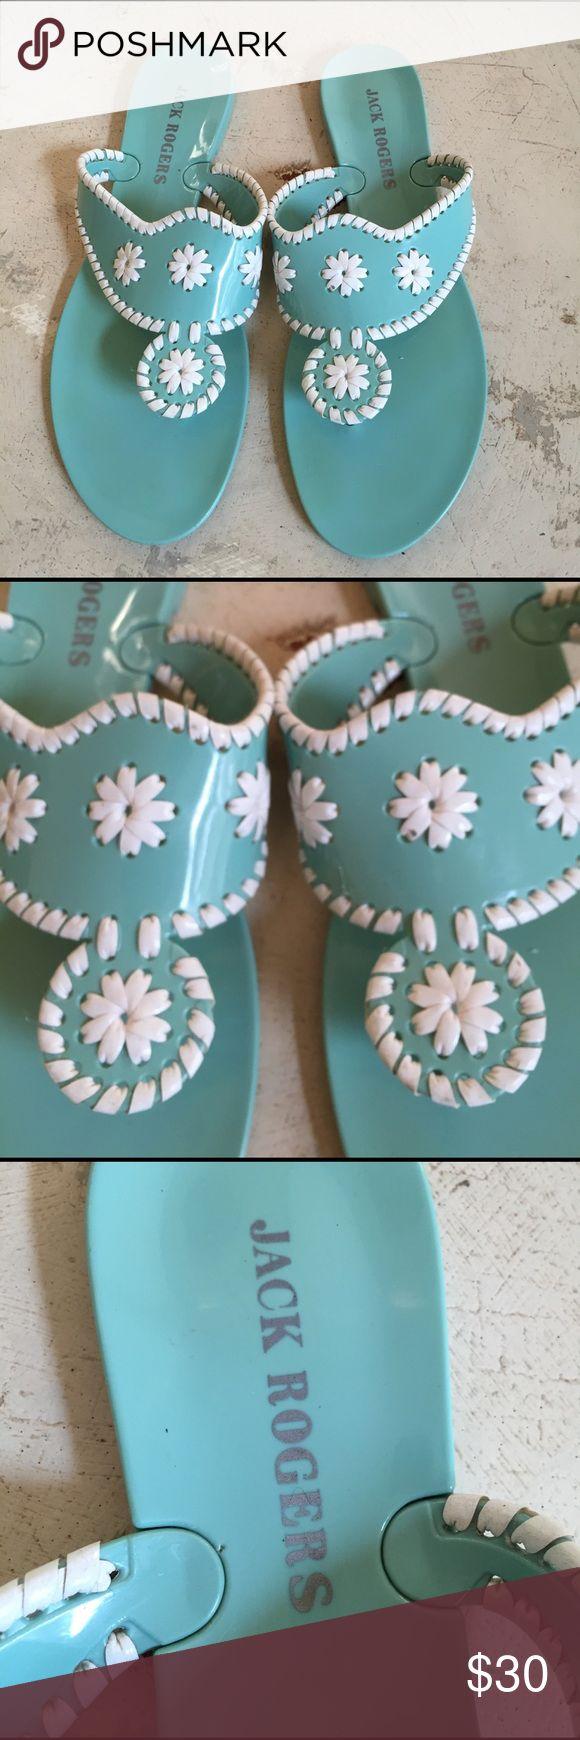 Jack Rogers Plastic Sandals Size 10 Jack Rogers Plastic Sandals. Tiffany Blue. Size 10. No trades Jack Rogers Shoes Sandals